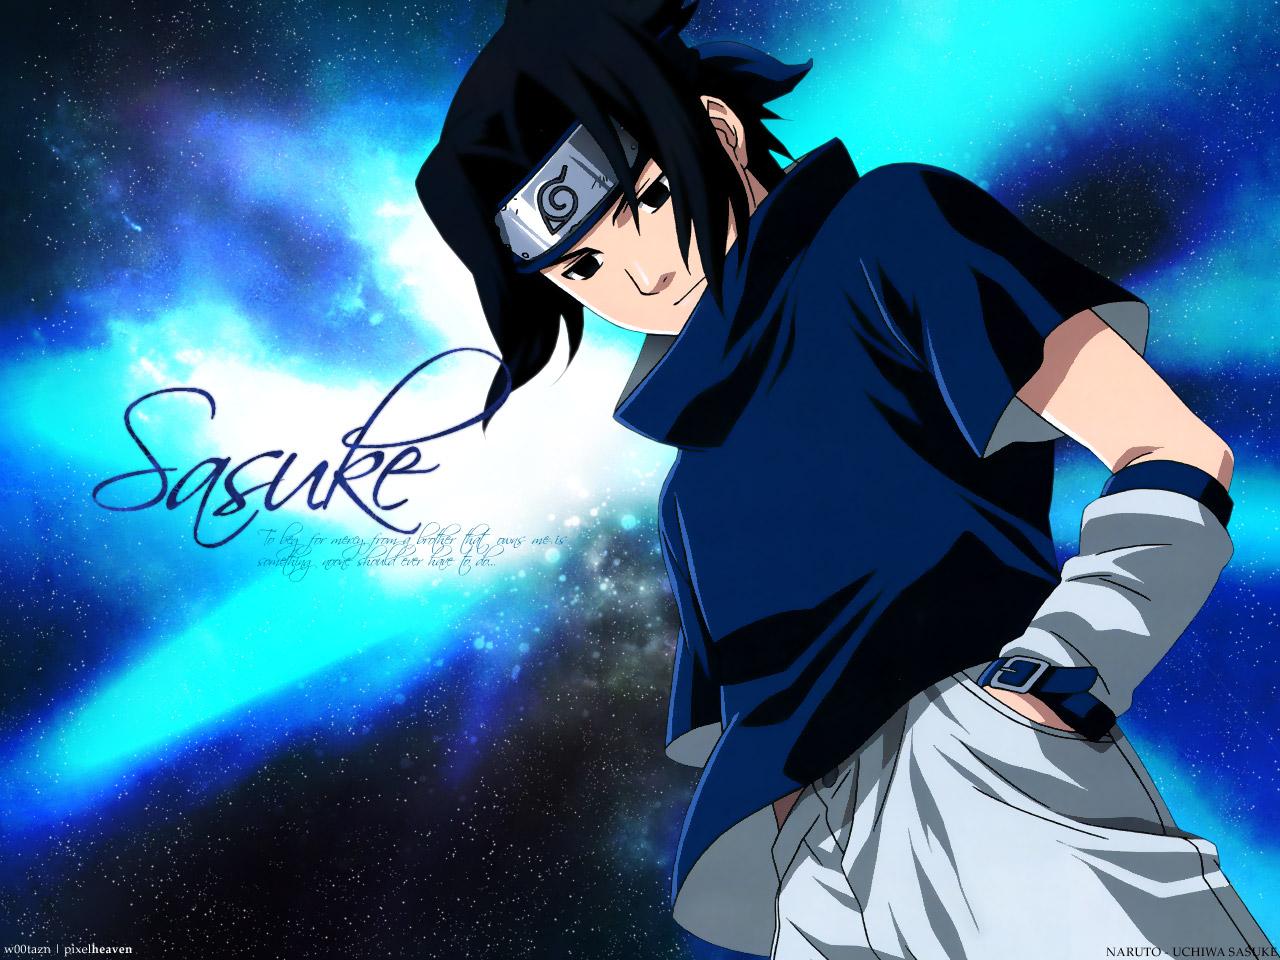 clubs uchiha sasuke images 1395485 title sasuke filesize 1024x768 732k 1280x960